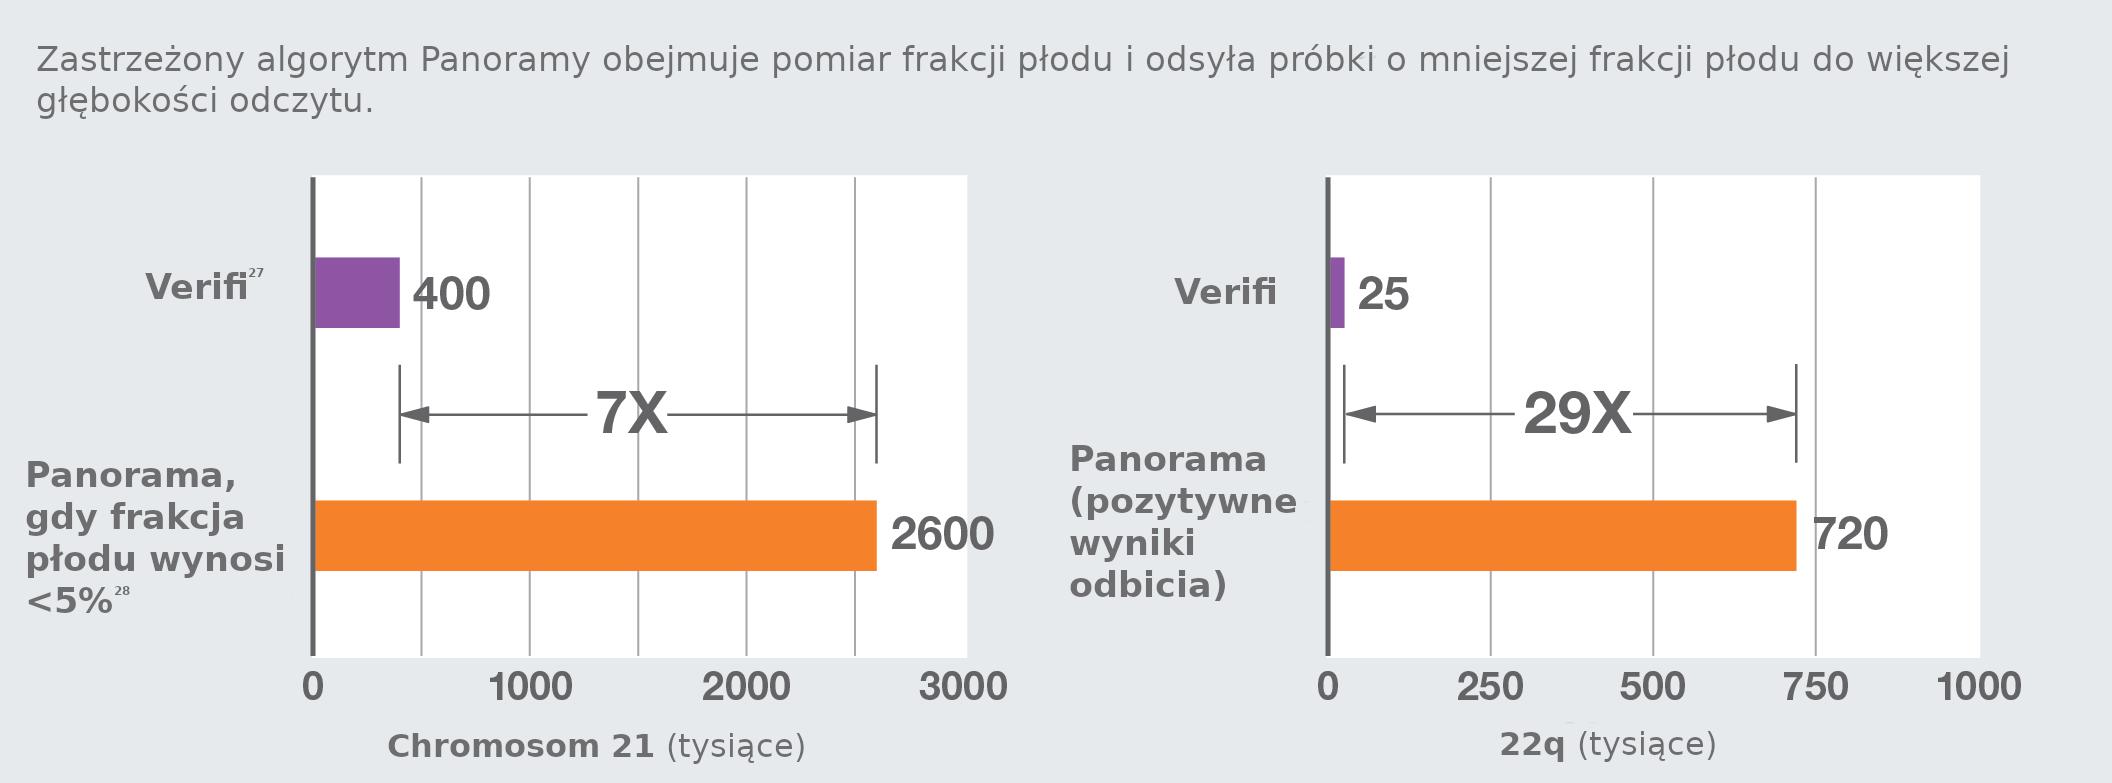 Panorama test pomiar frakcji płodu